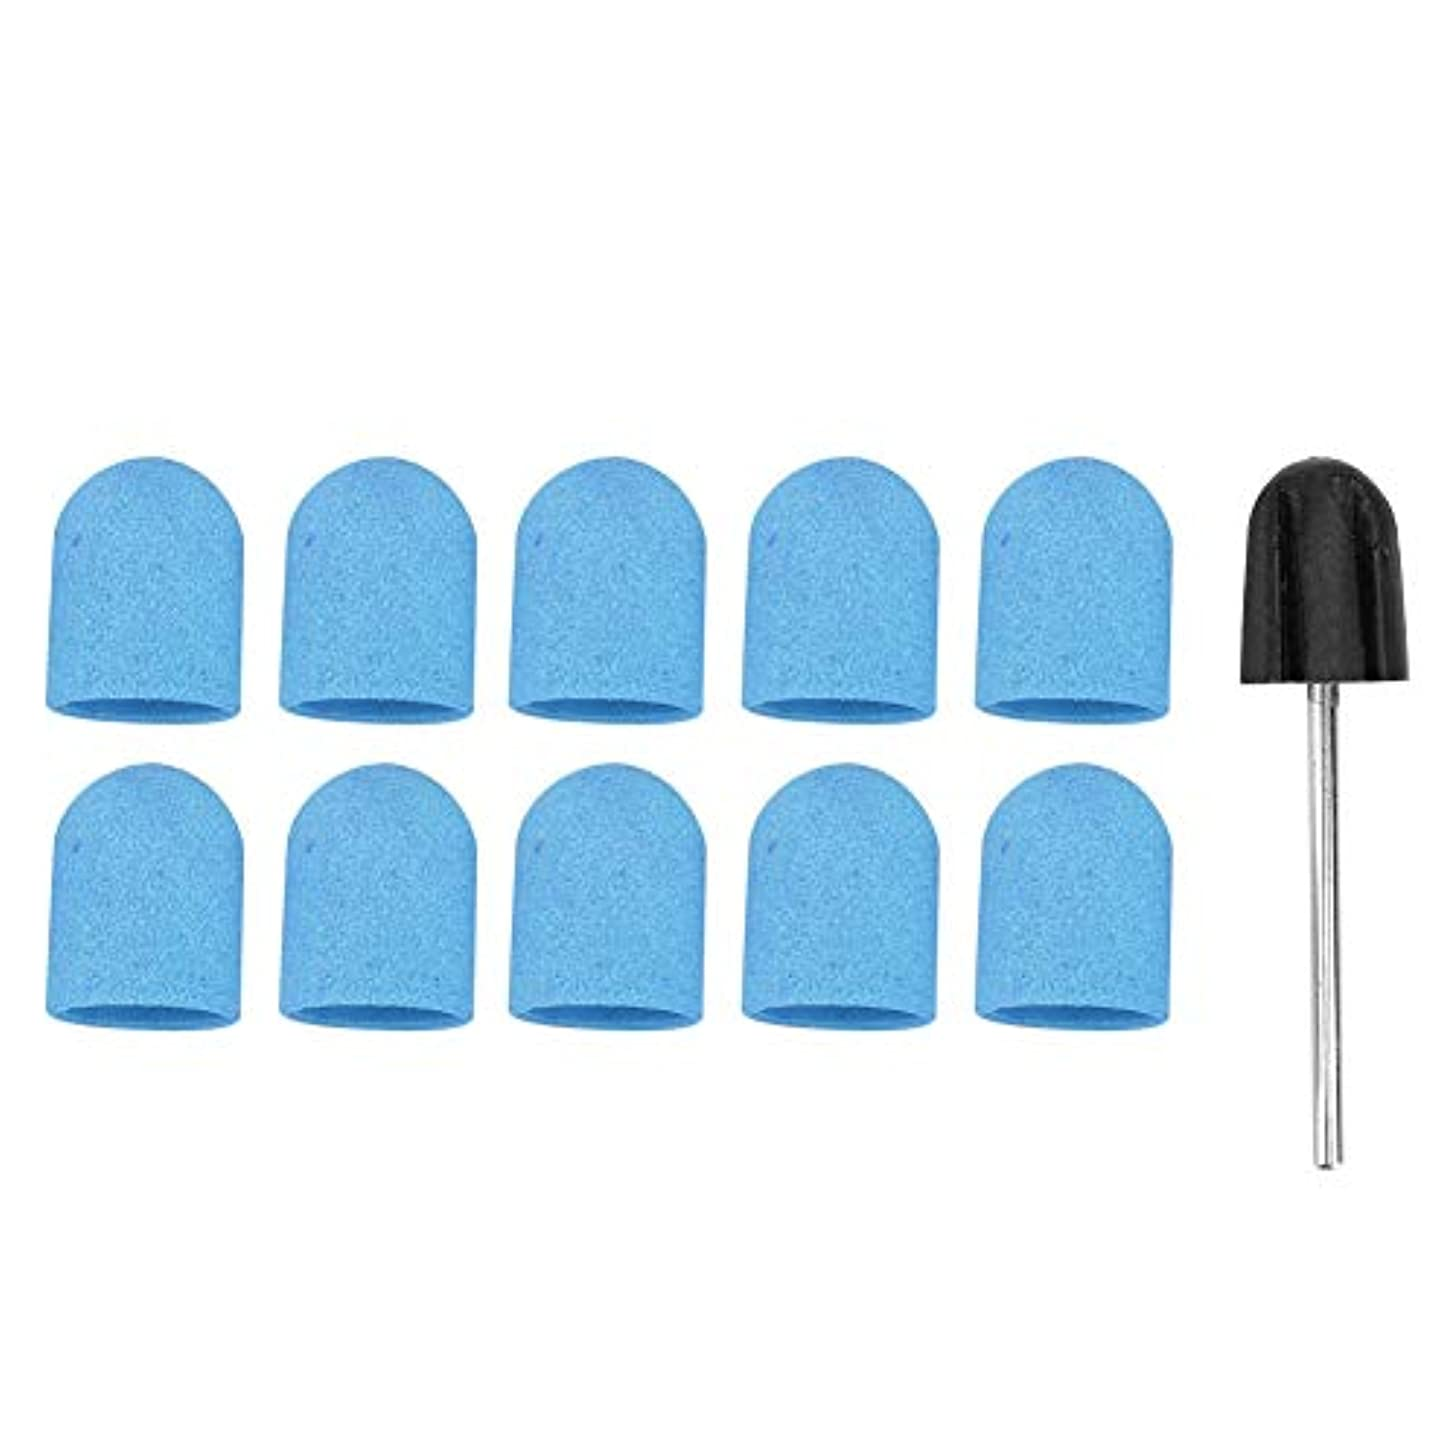 介入するテレビ局レイネイルドリルブロックキャップ、ネイルアートサンディングバンド13 x 19 mm(1グリップ付き)、ネイルサロンまたは個人使用、マニキュア用のポリッシュ研磨ヘッド、ネイル研磨およびトリミング(2)